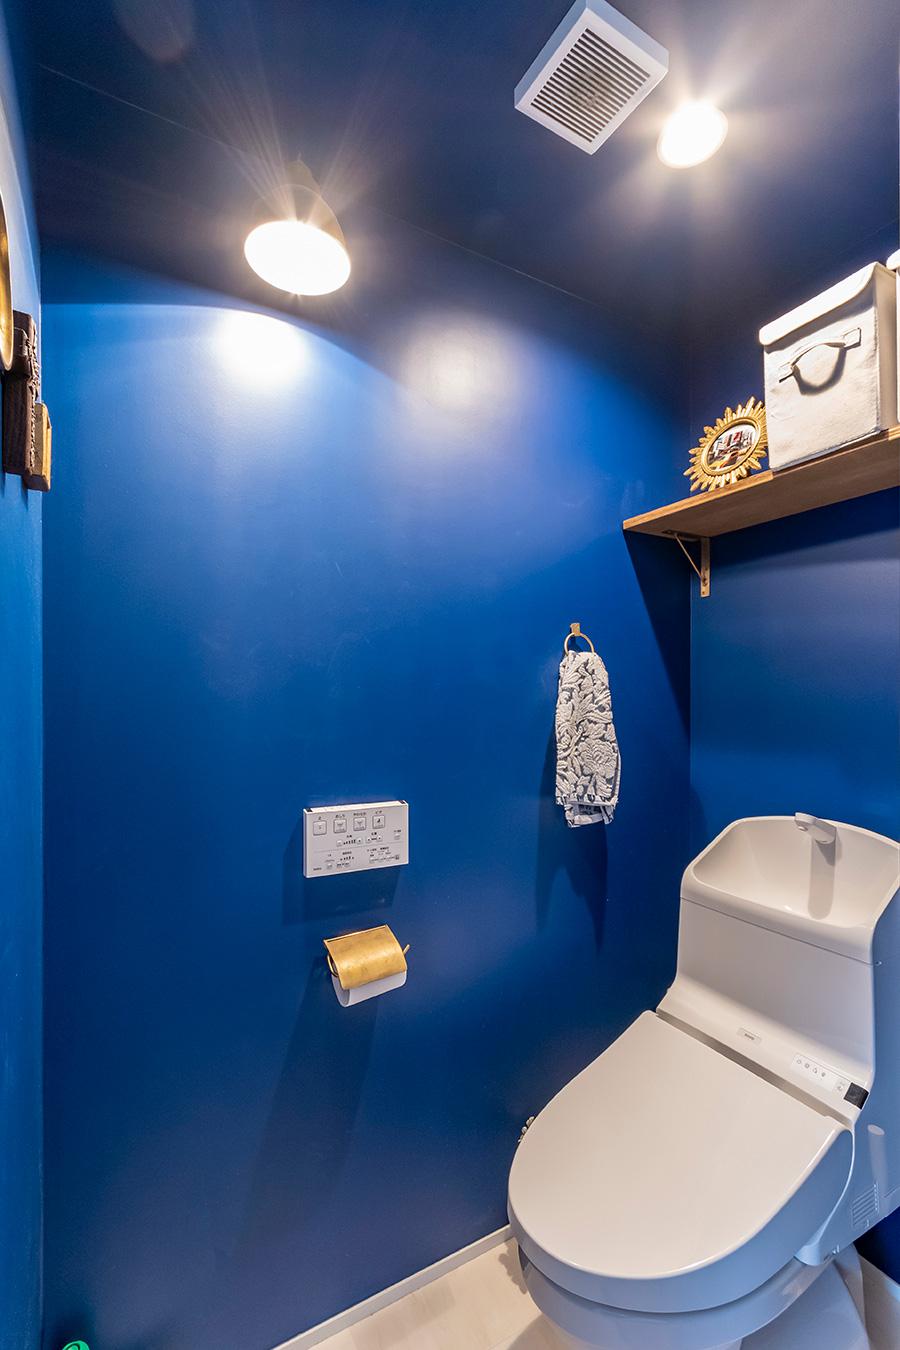 ブルーの壁紙はSATCの世界観をヒントに。